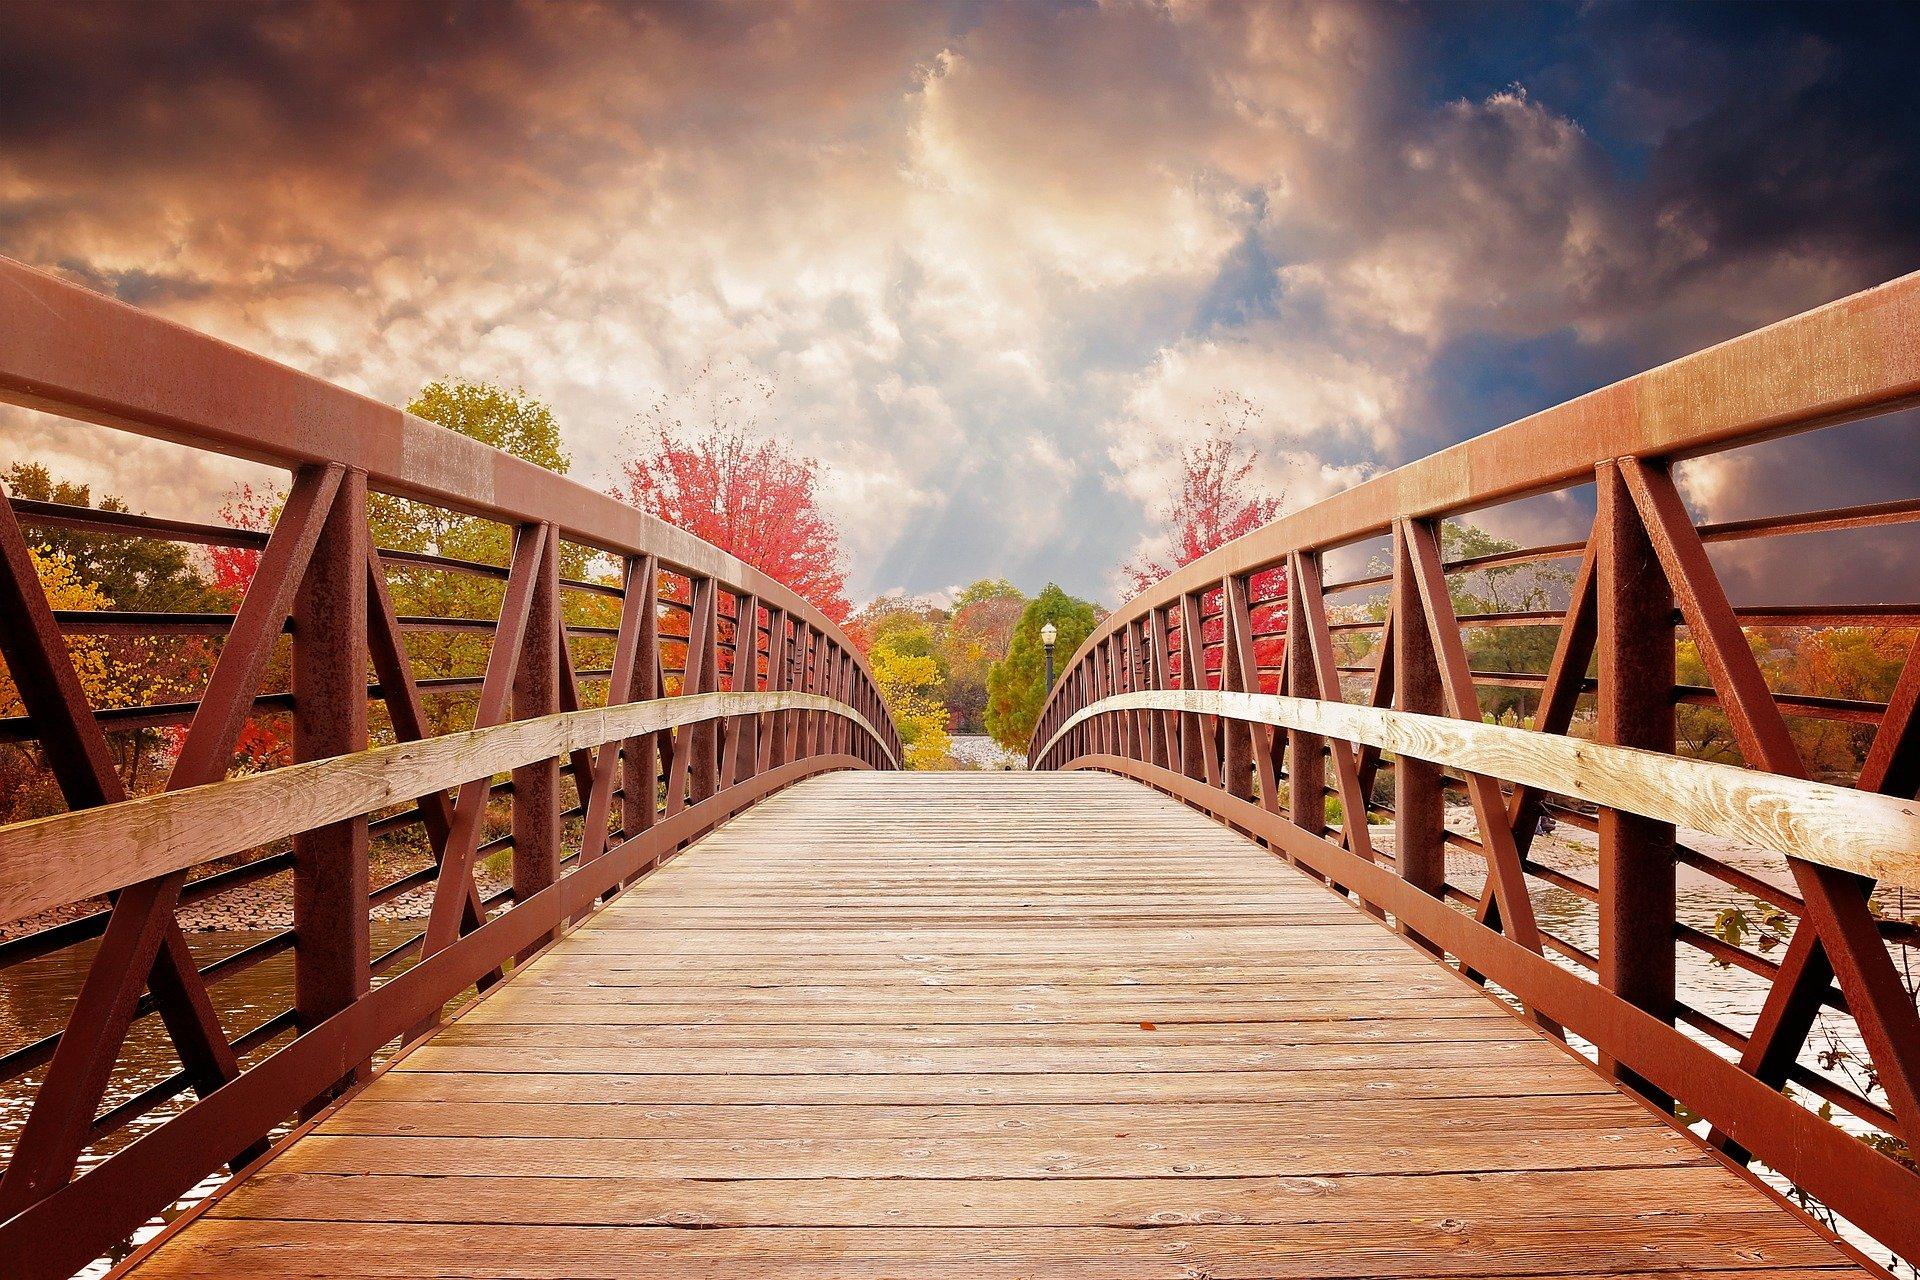 puente climaterio